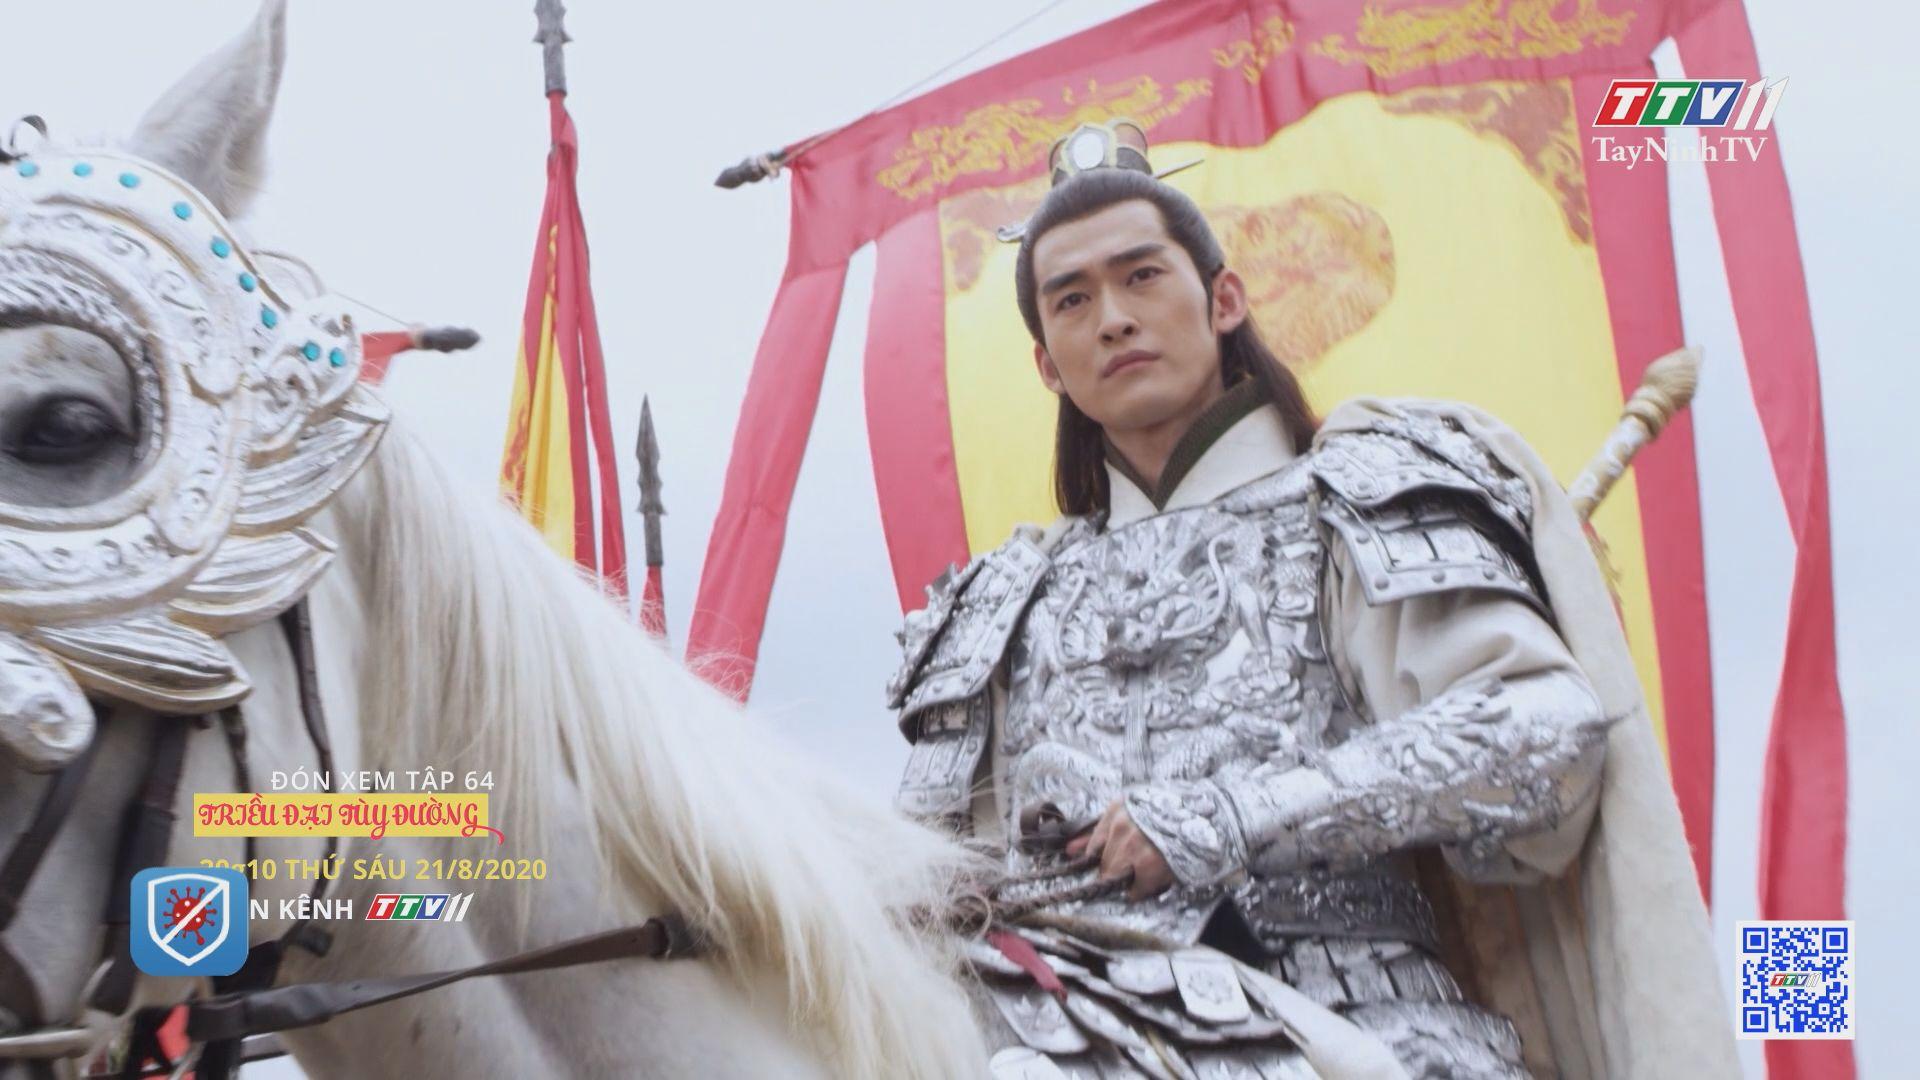 Triều đại Tùy Đường - TẬP 64 trailer   TRIỀU ĐẠI TÙY ĐƯỜNG   TayNinhTV